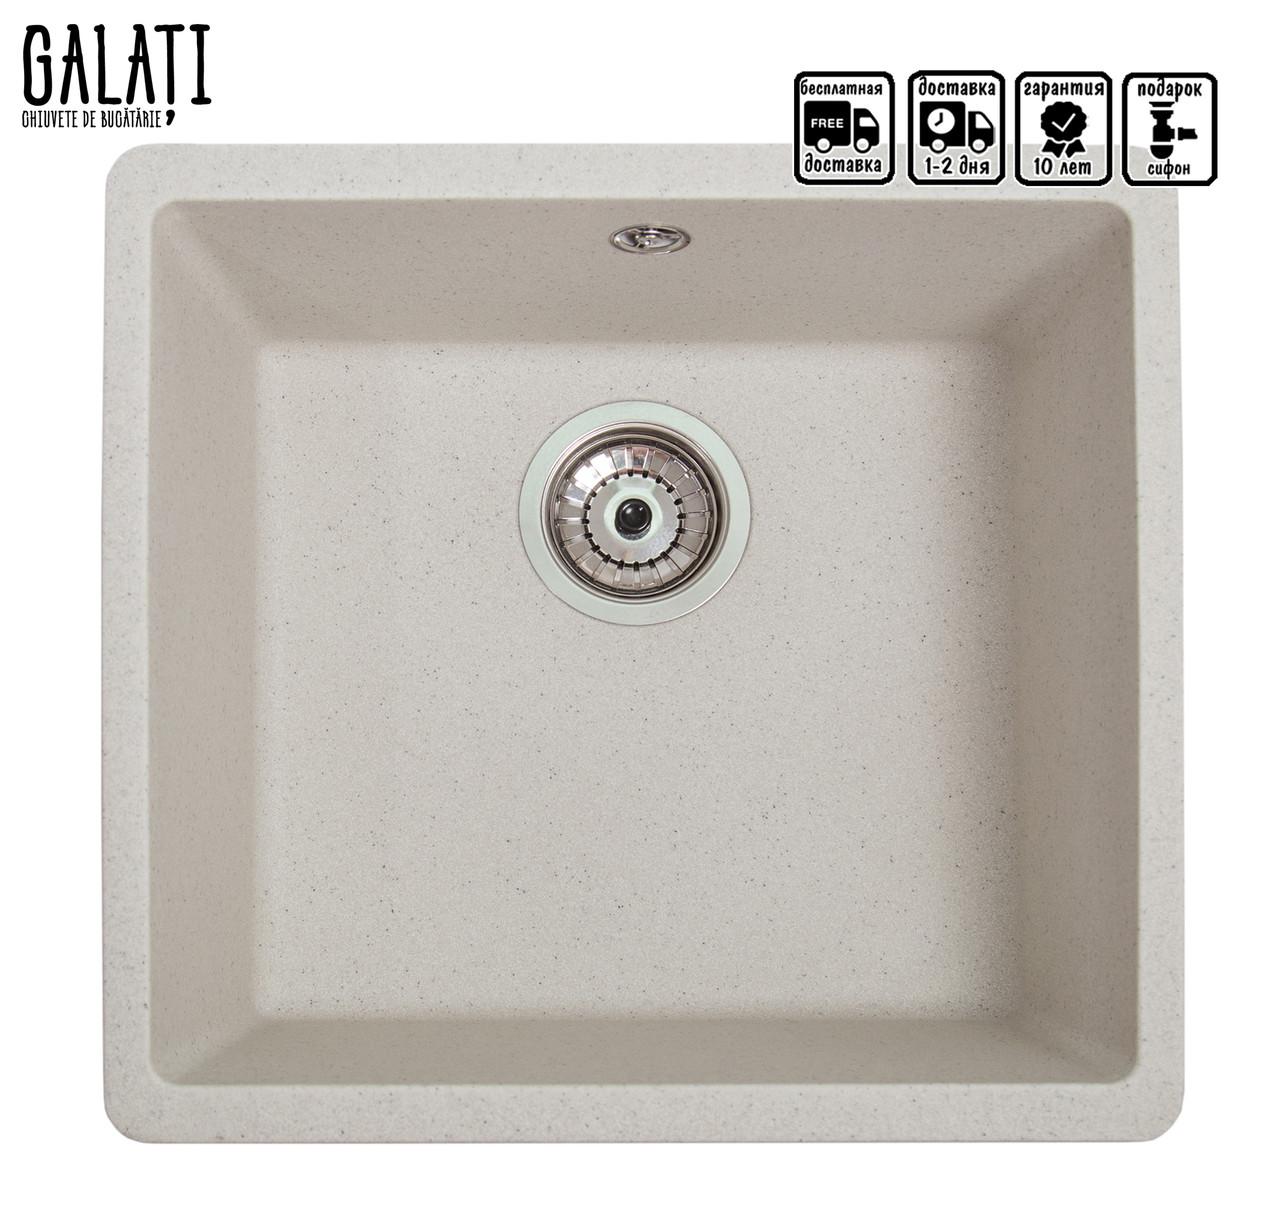 Кухонная мойка Galati Mira U-400 Biela (101)